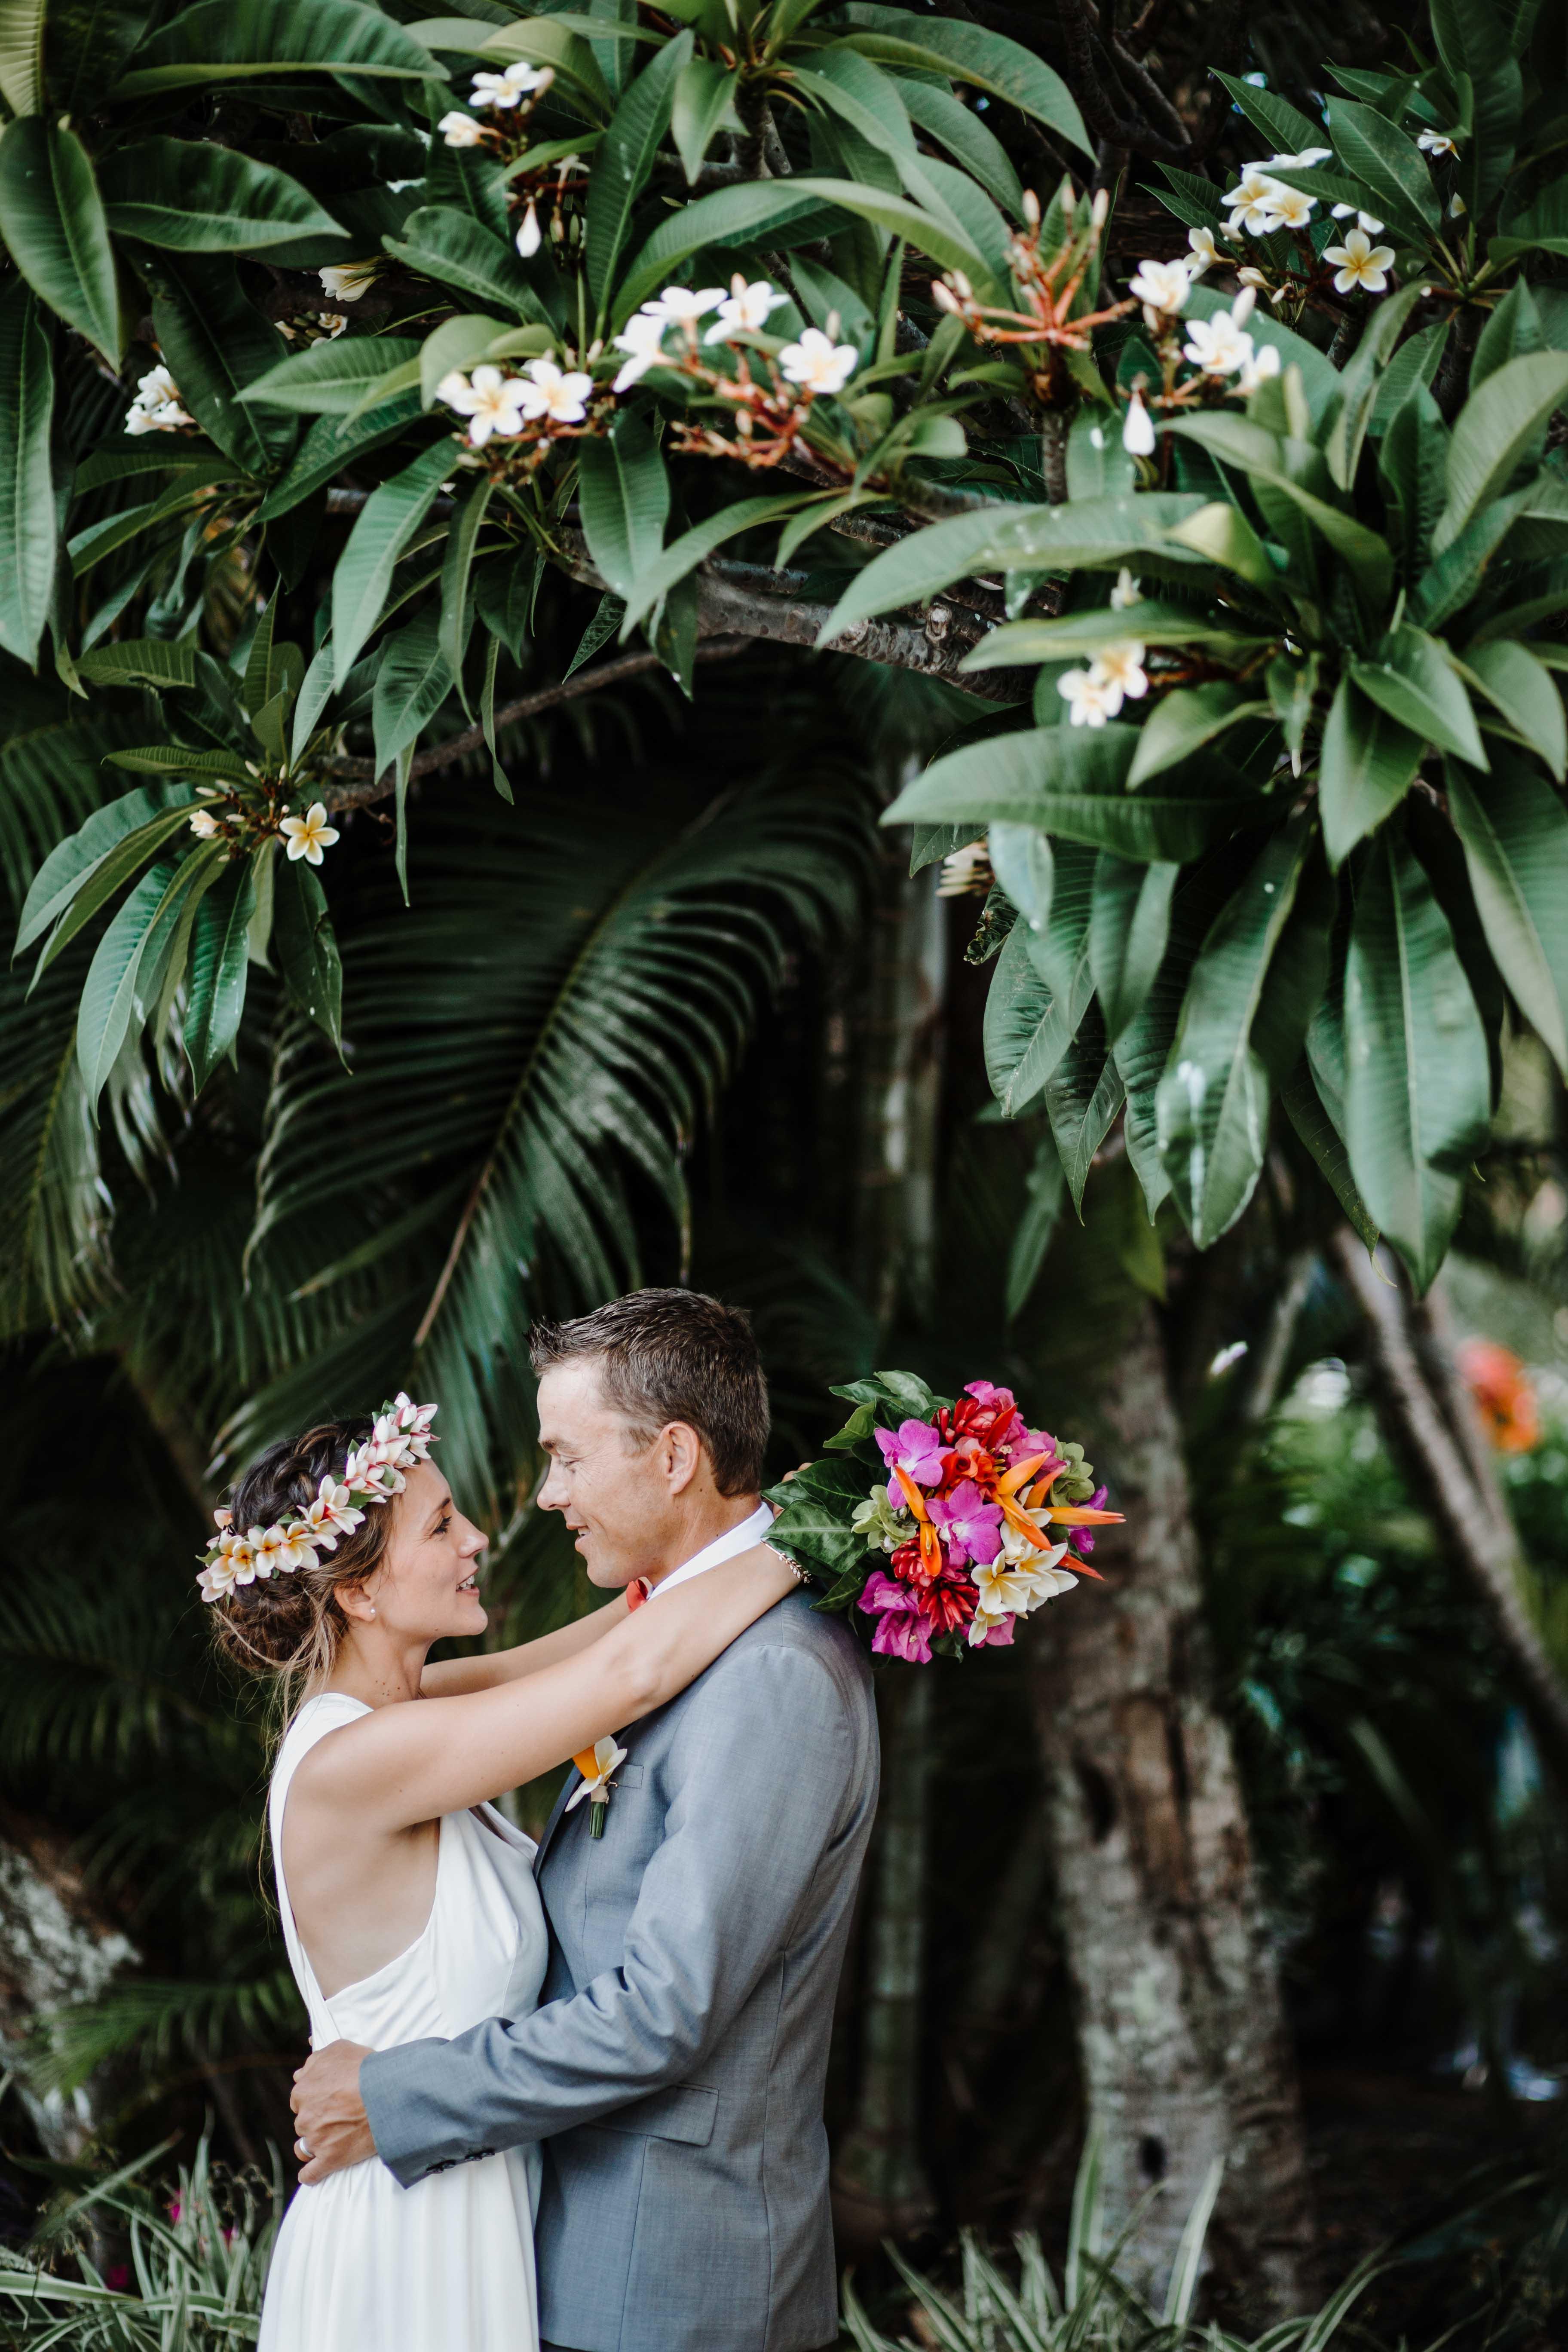 les mariés sont enlacés et se regardent sous un arbre tropical, frangipanier